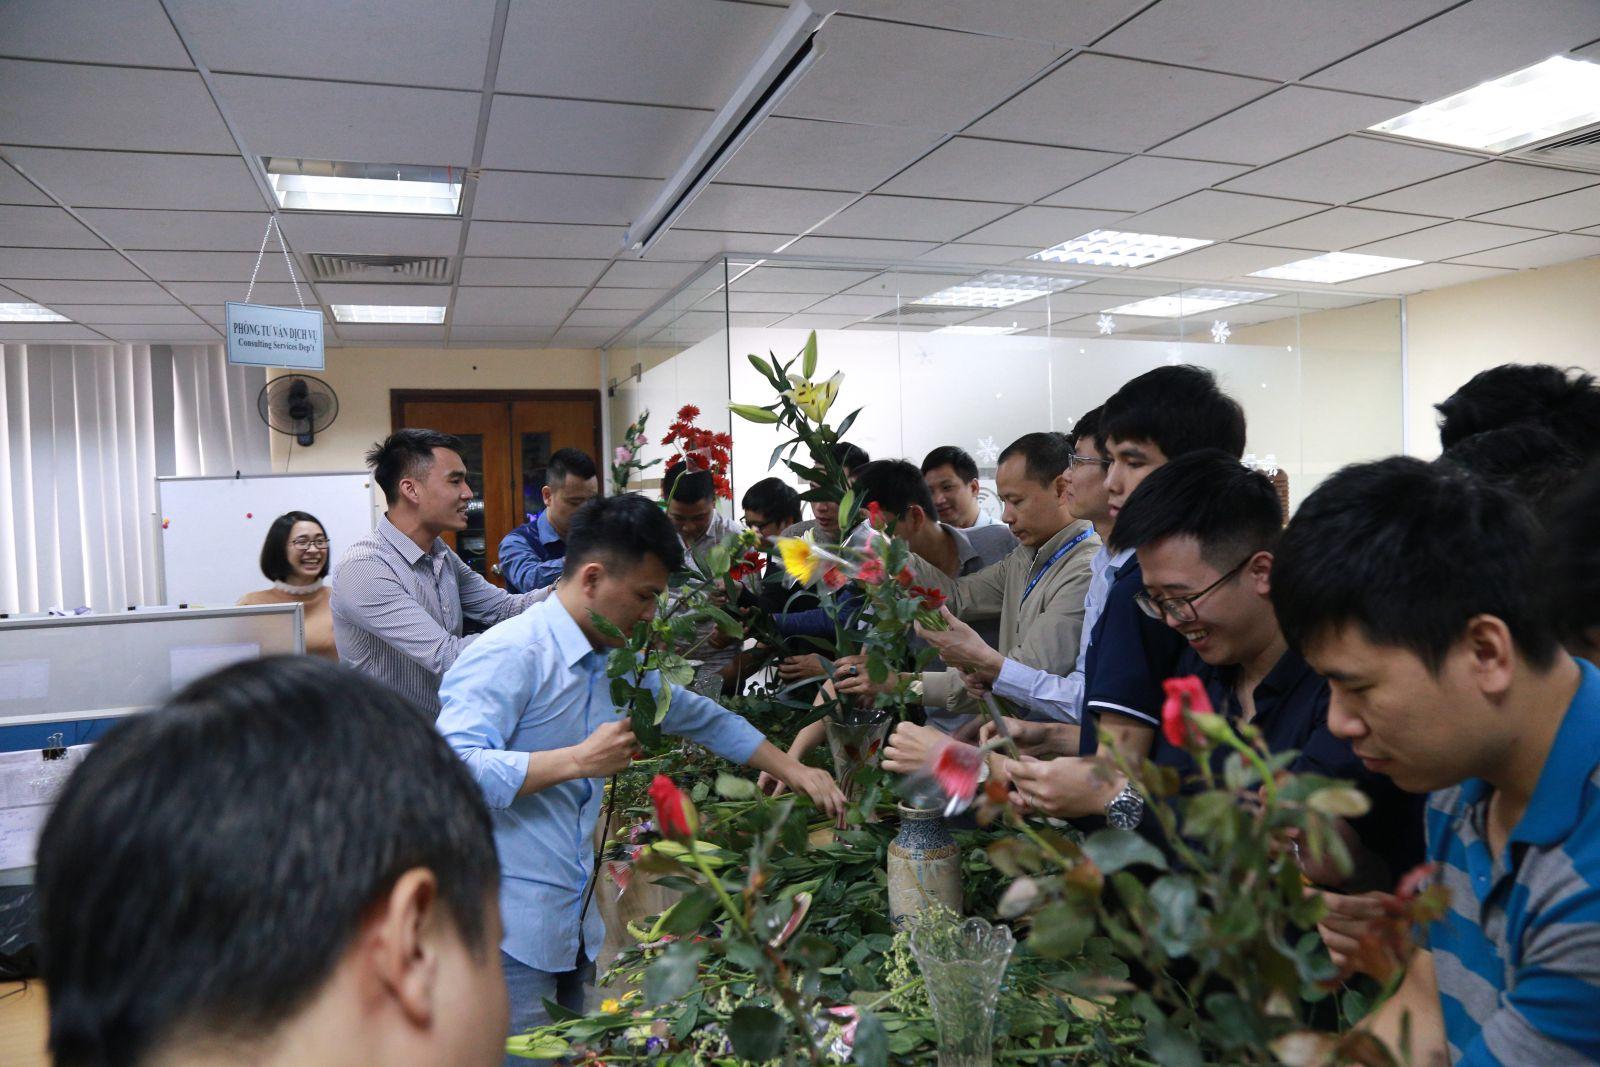 EFY Việt Nam tổ chức hoạt động chào mừng ngày quốc tế phụ nữ 8/3 ảnh 5